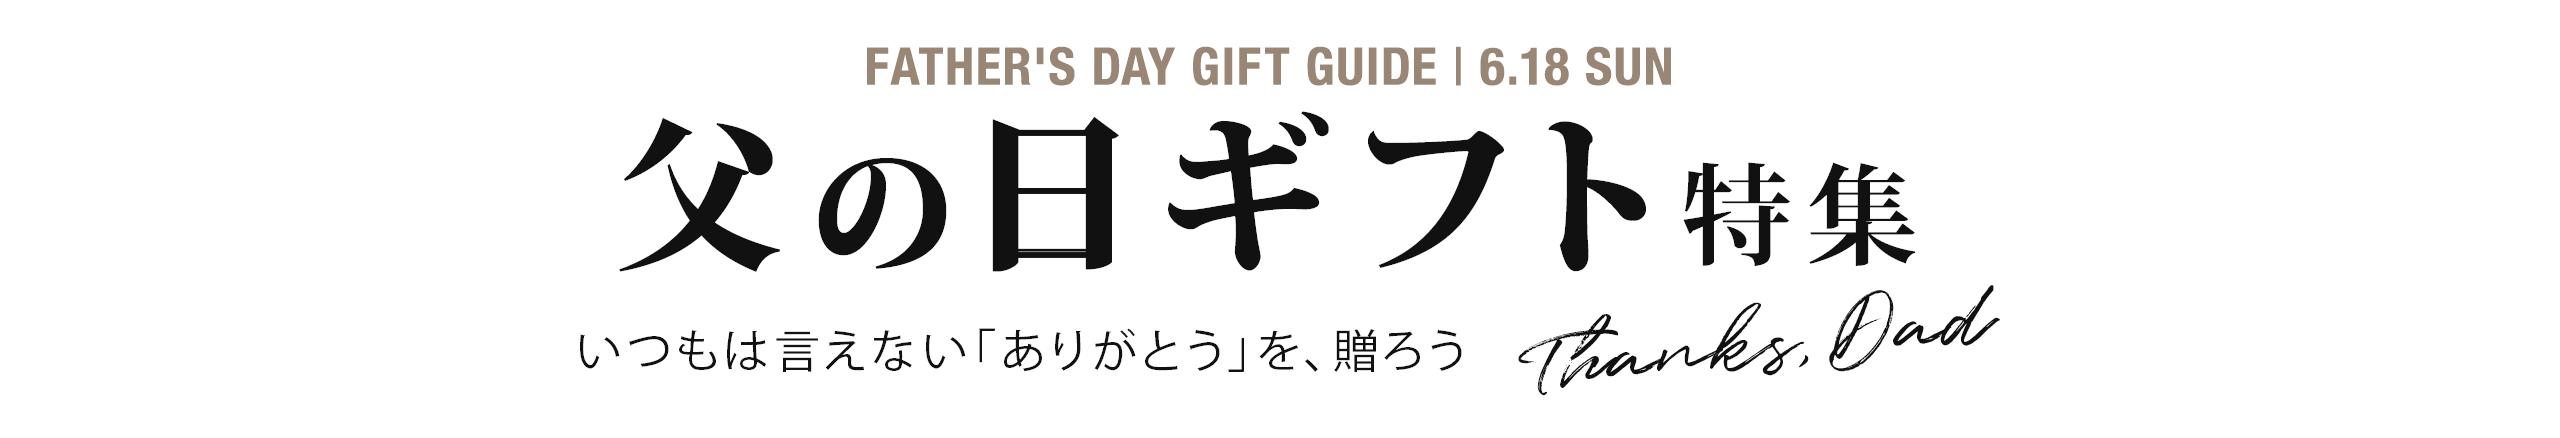 父の日ギフト特集 2017 | Amazon